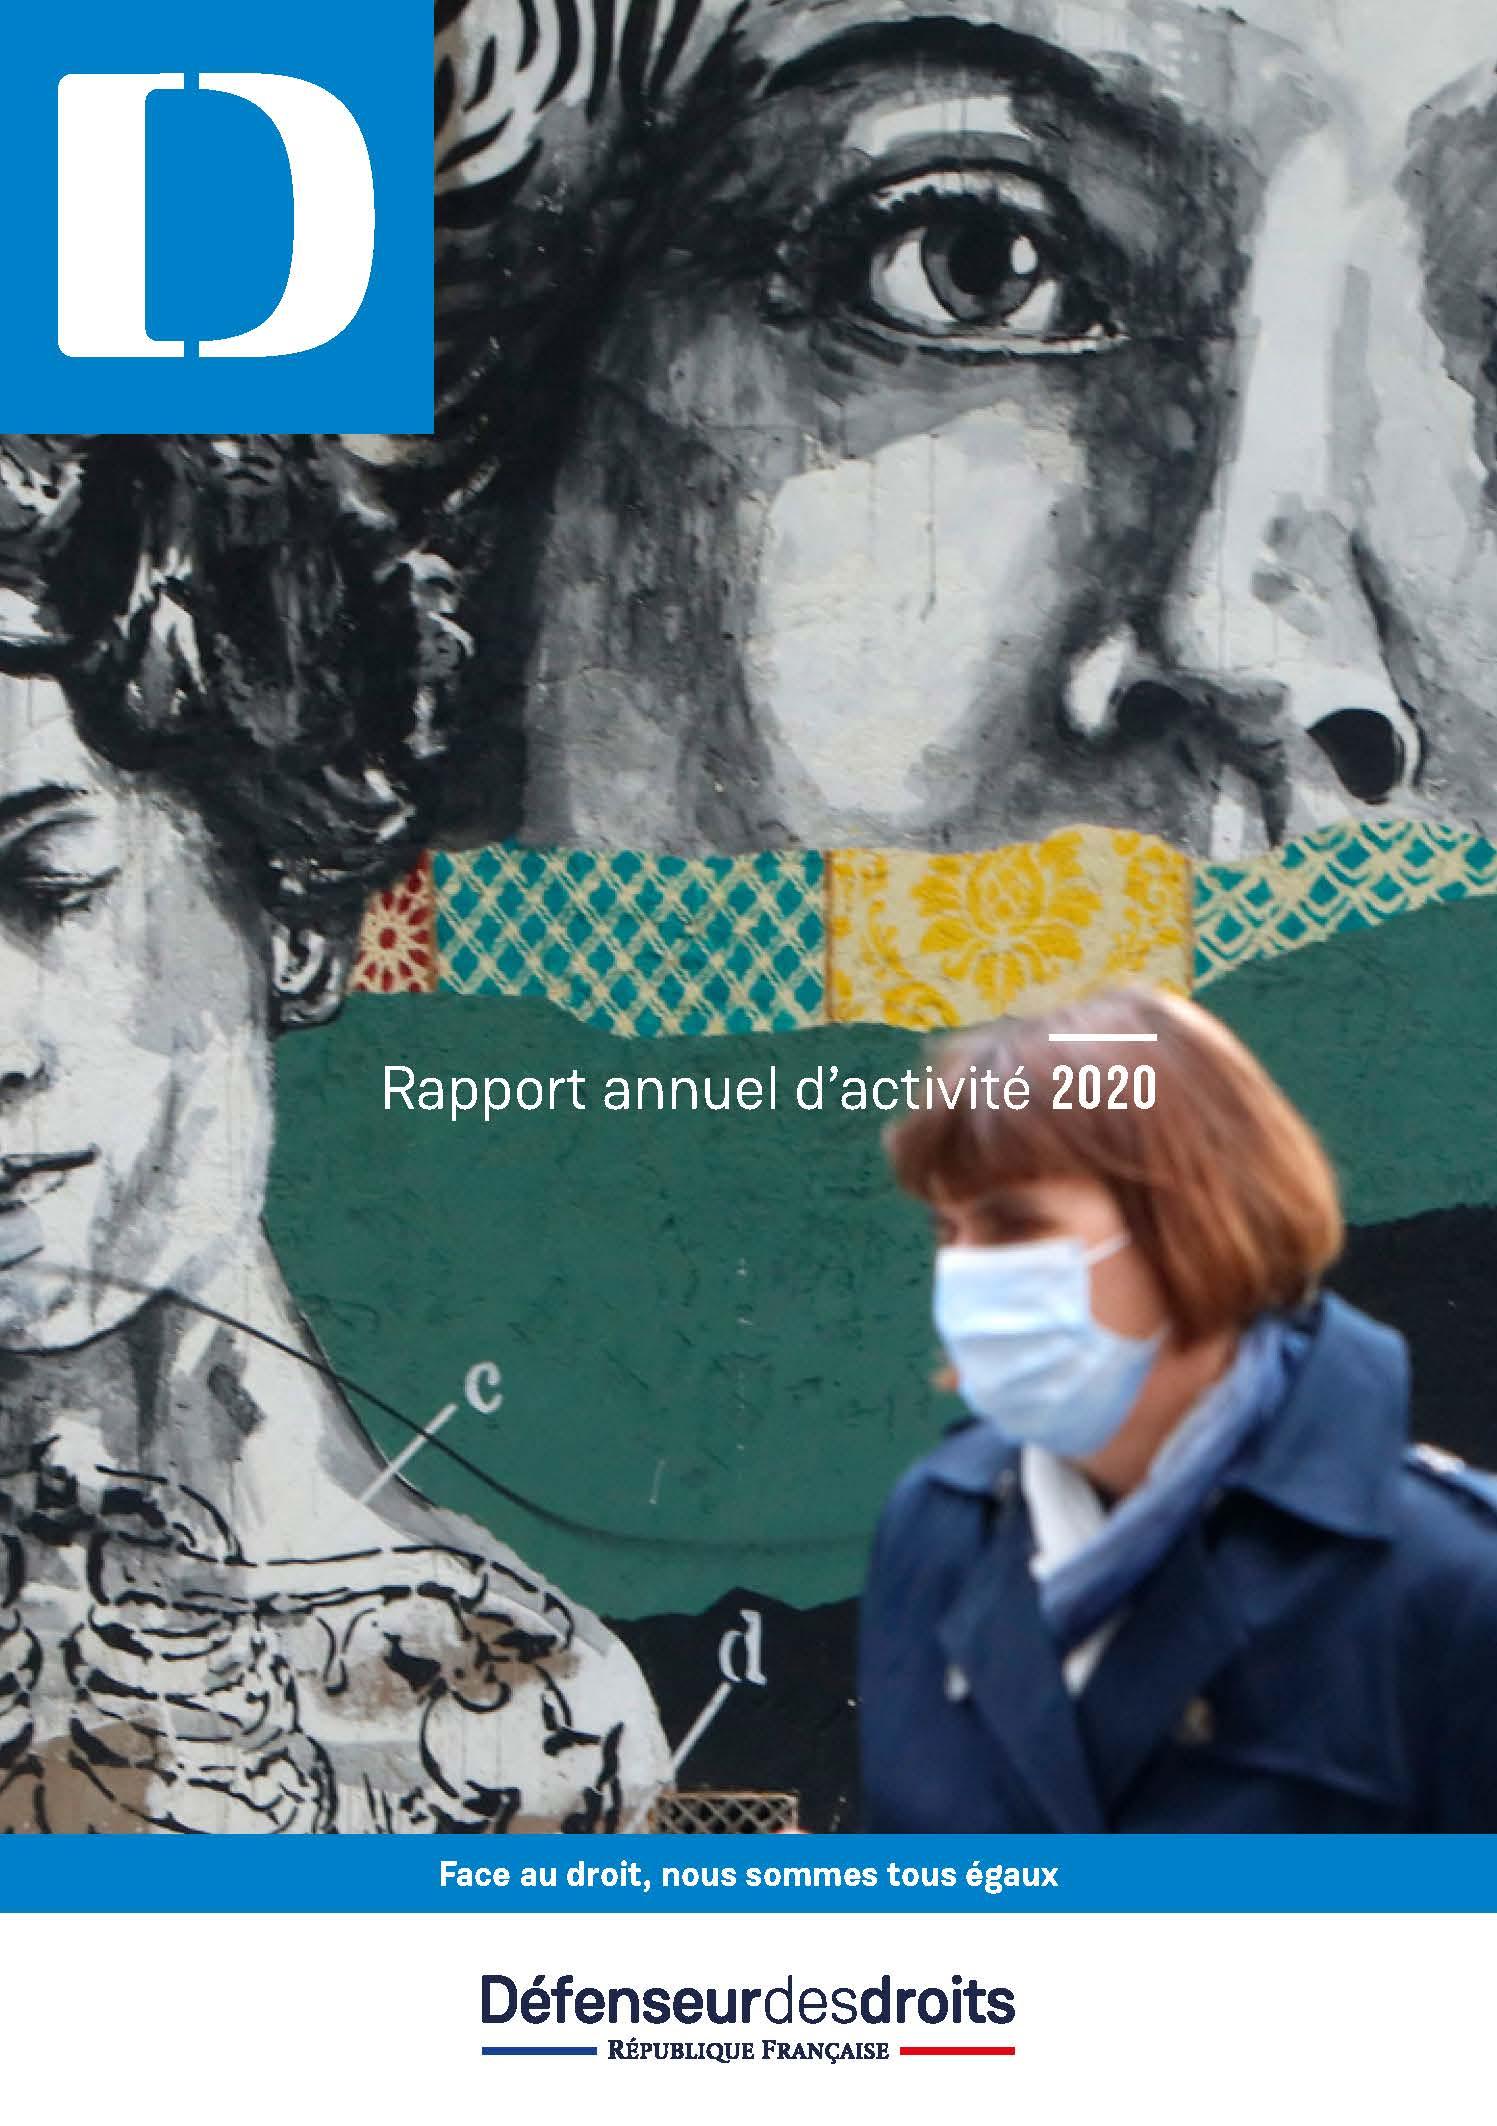 Rapport annuel d'activité 2020 du Défenseur des droits